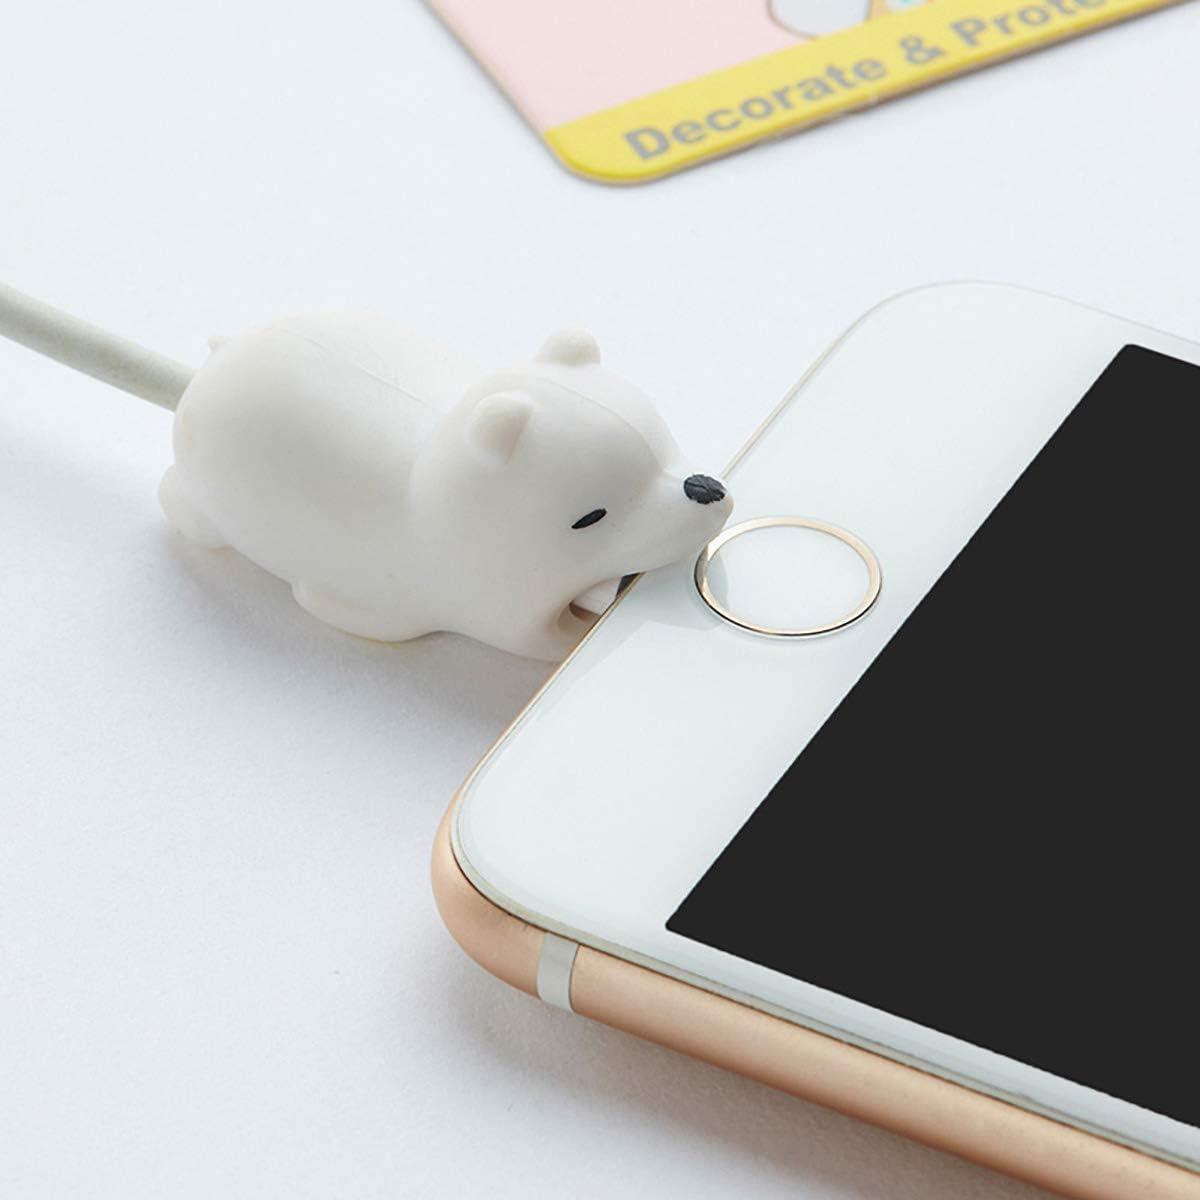 6 St/ück s/ü/ße Tierbiss-Kabelschutz verhindert Bruch Kabelschnur f/ür Ihr Handy Kauerkabel verschiedene Tierkabel